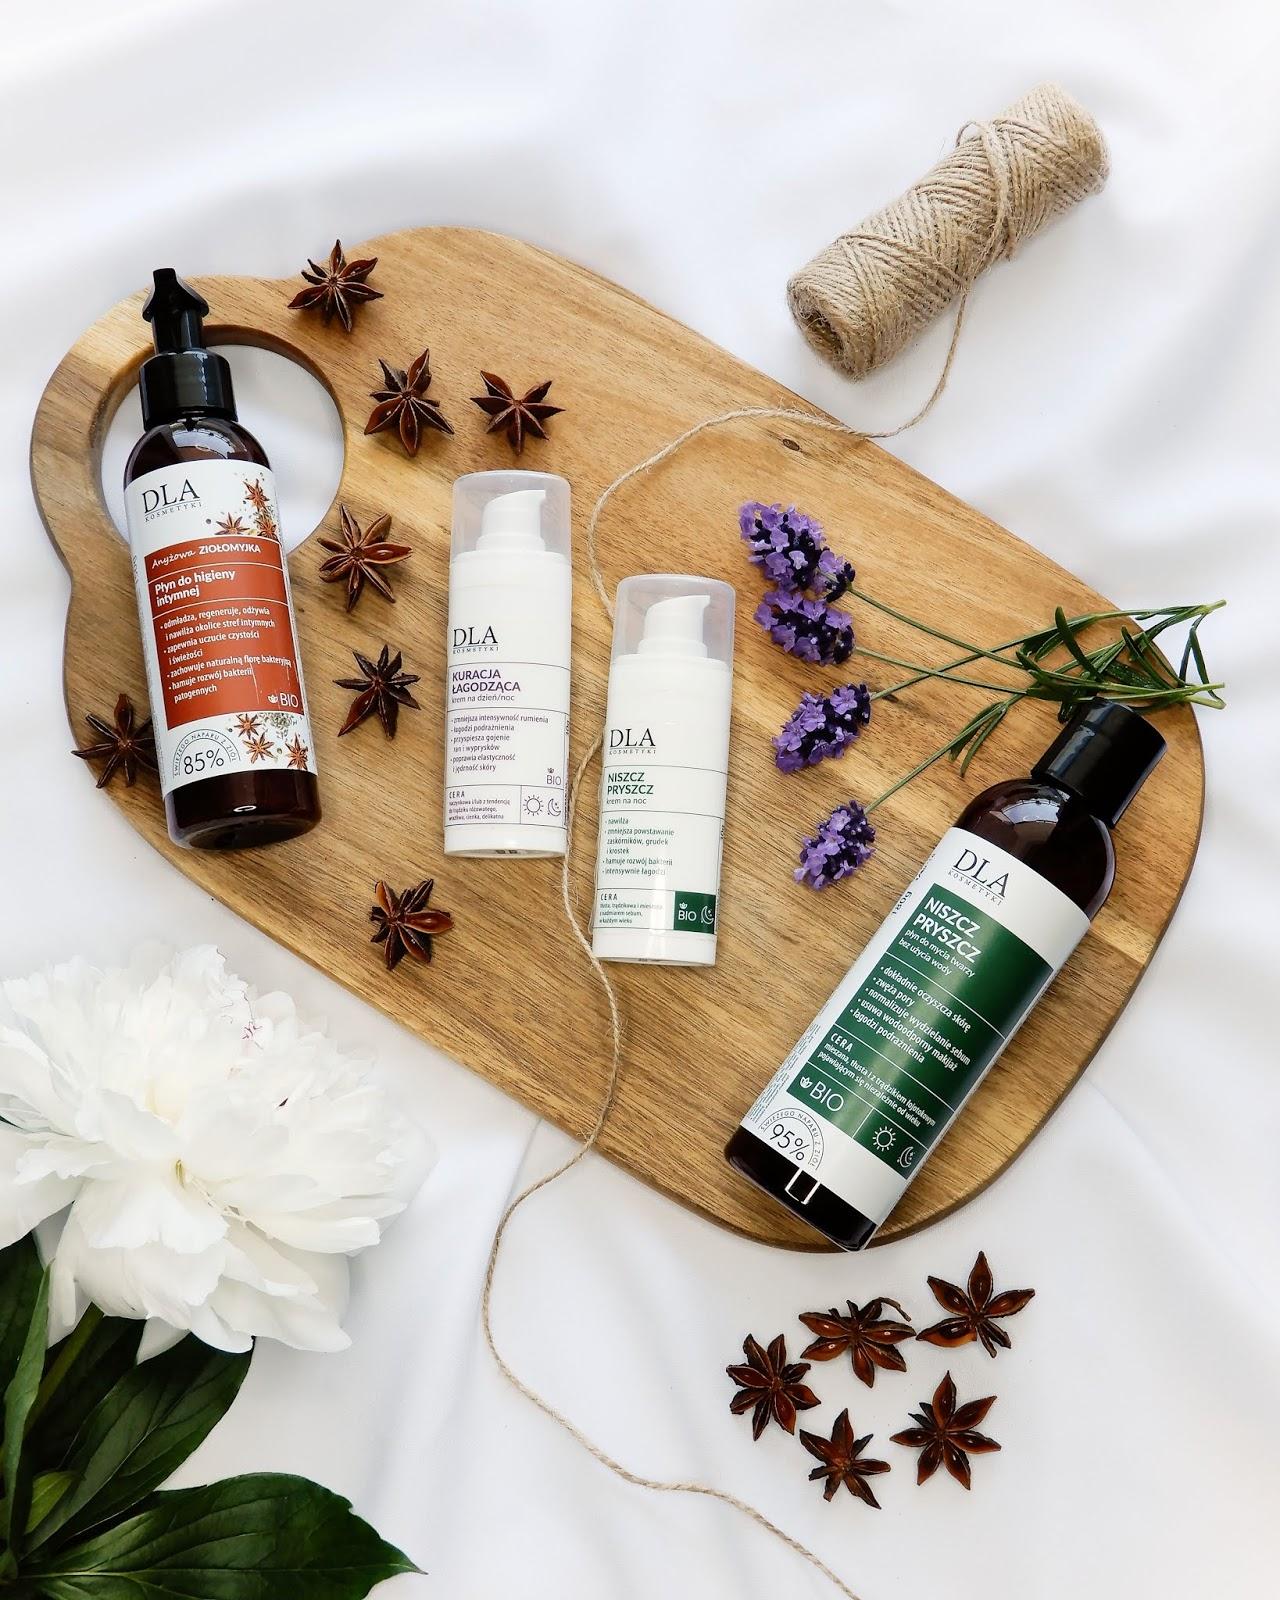 Kosmetyki DLA   Magiczna moc ziołowej receptury